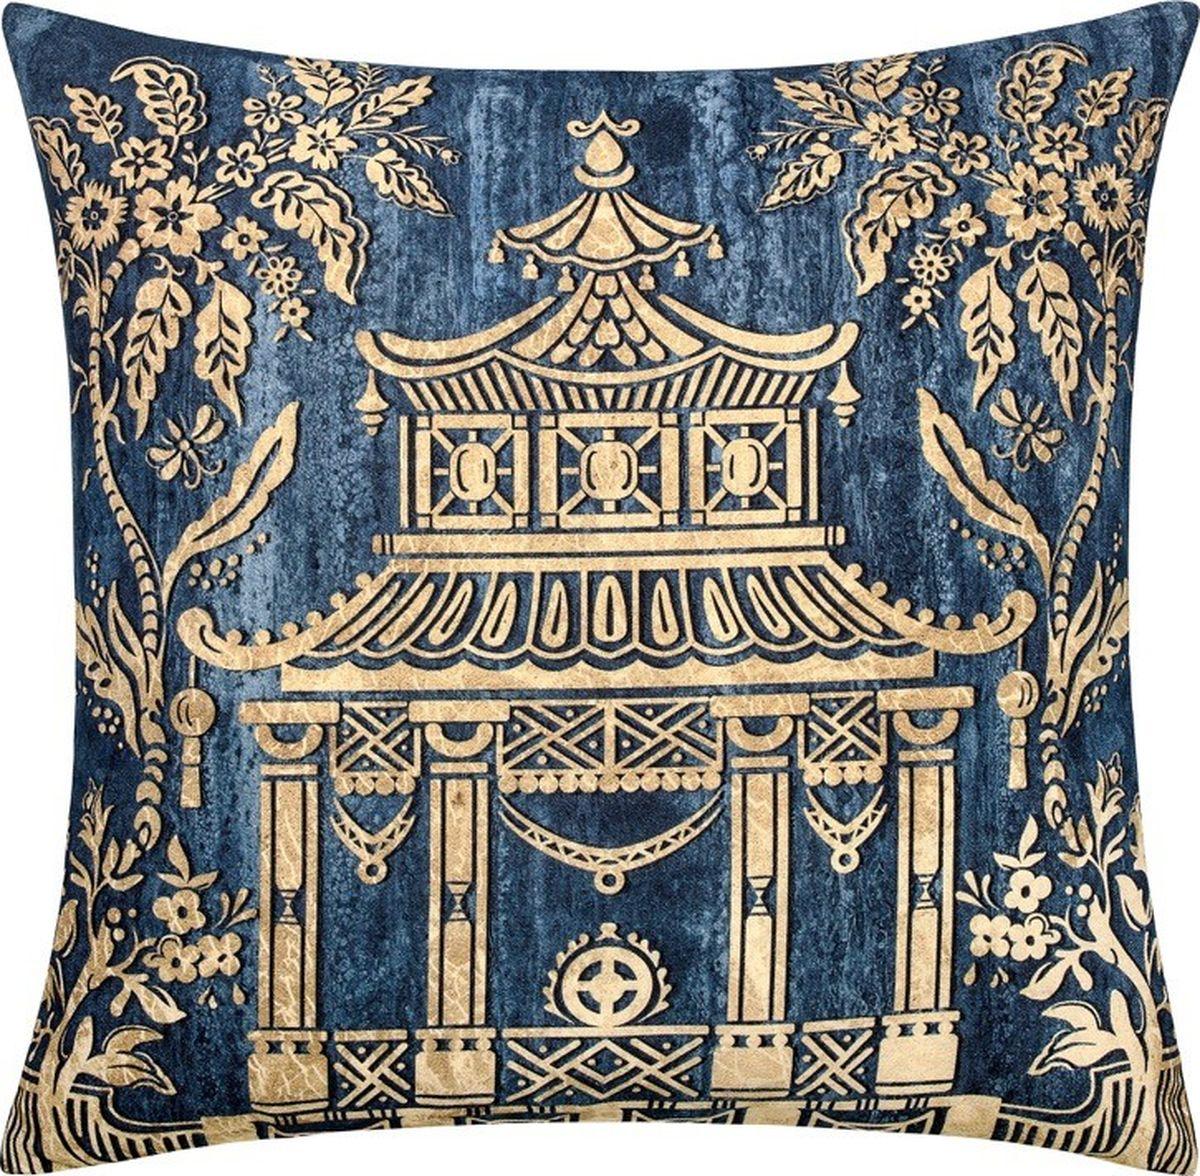 Подушка декоративная Togas Пагода, наполнитель: полиэфир, цвет: синий, золотой, 45 х 45 см подушка декоративная togas пагода наполнитель полиэфир цвет синий золотой 45 х 45 см